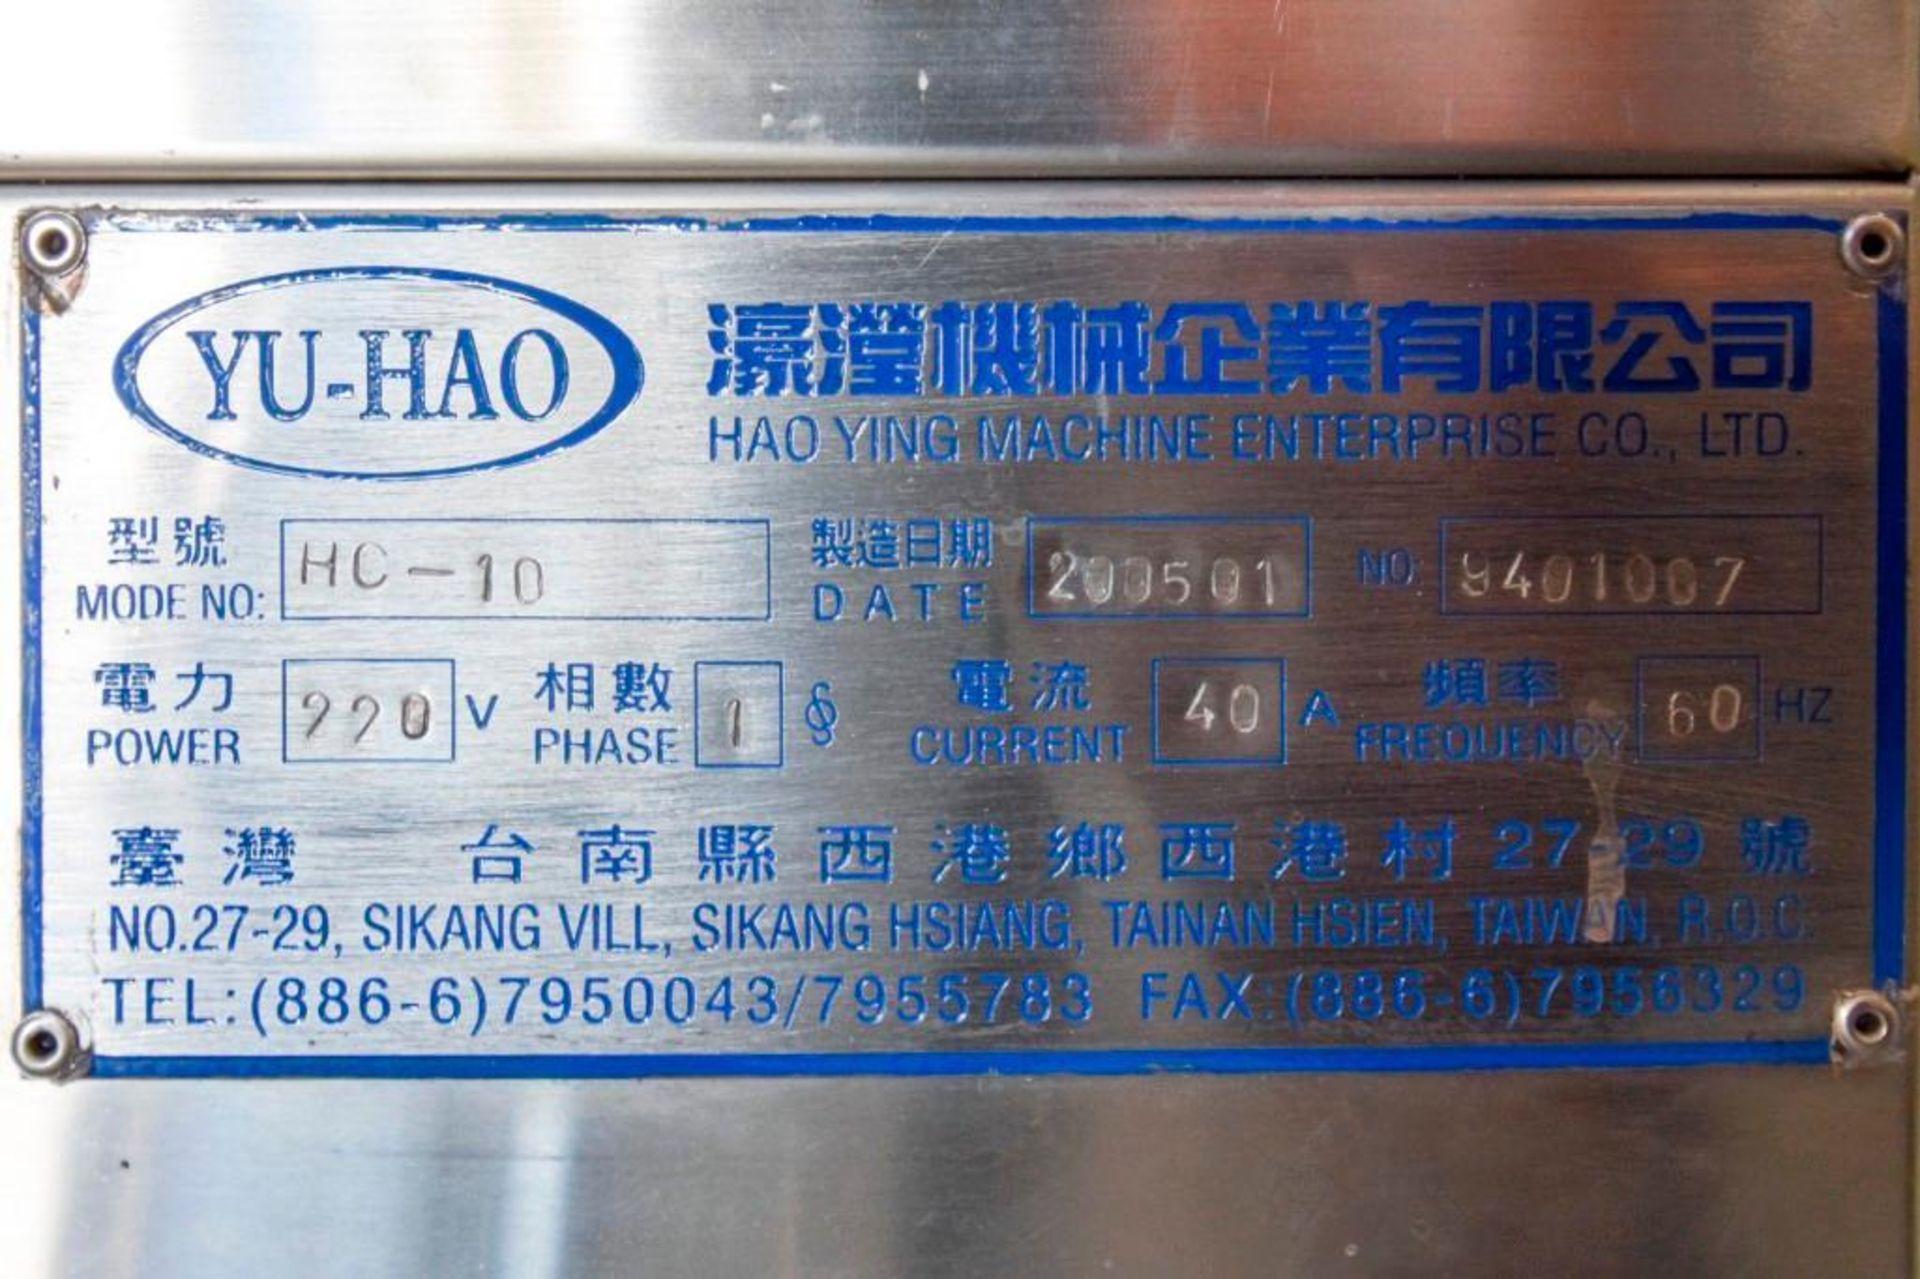 Yu Hao HC-10 - Image 11 of 13